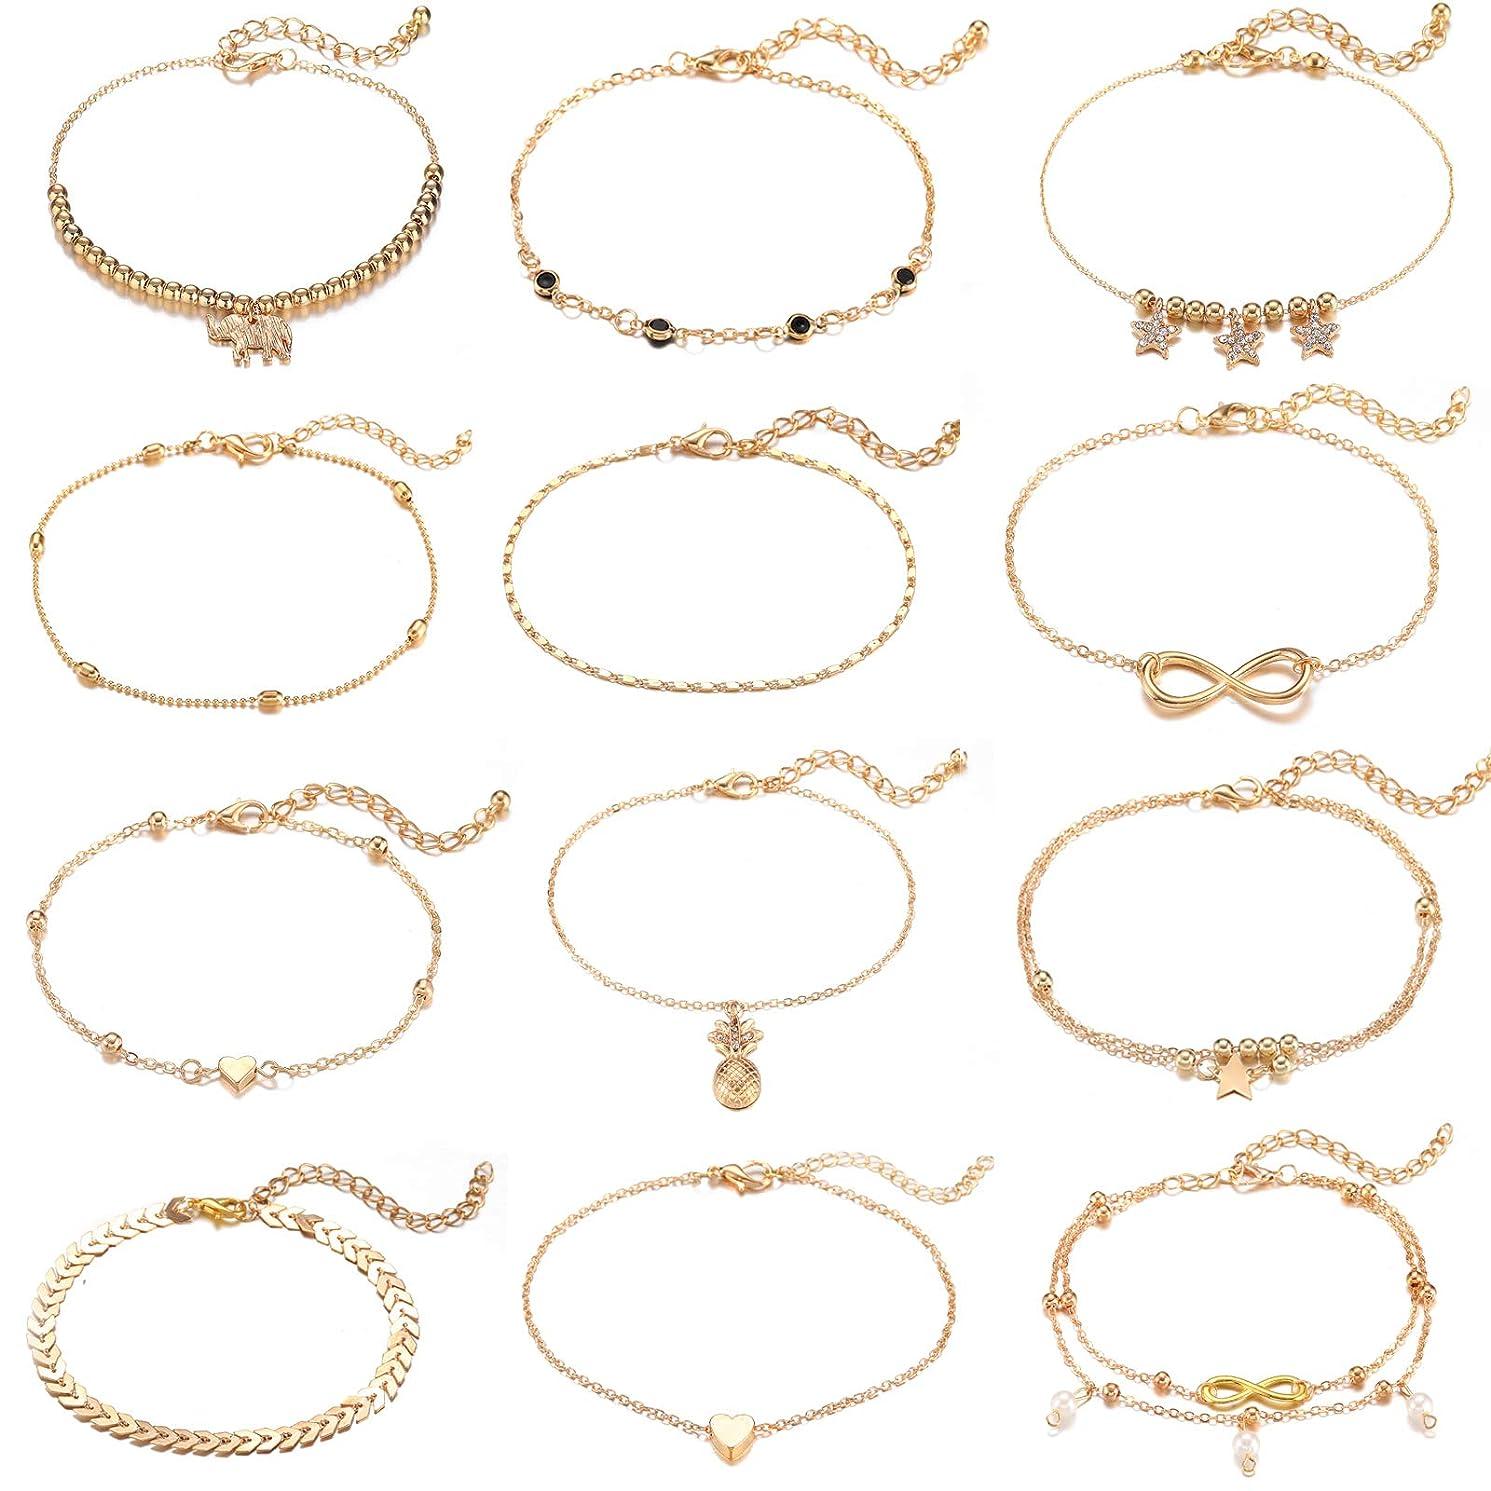 Starain 12 Pcs Gold Stars Ankle Bracelet for Women Girls Layered Beach Adjustable Chain Anklet Set